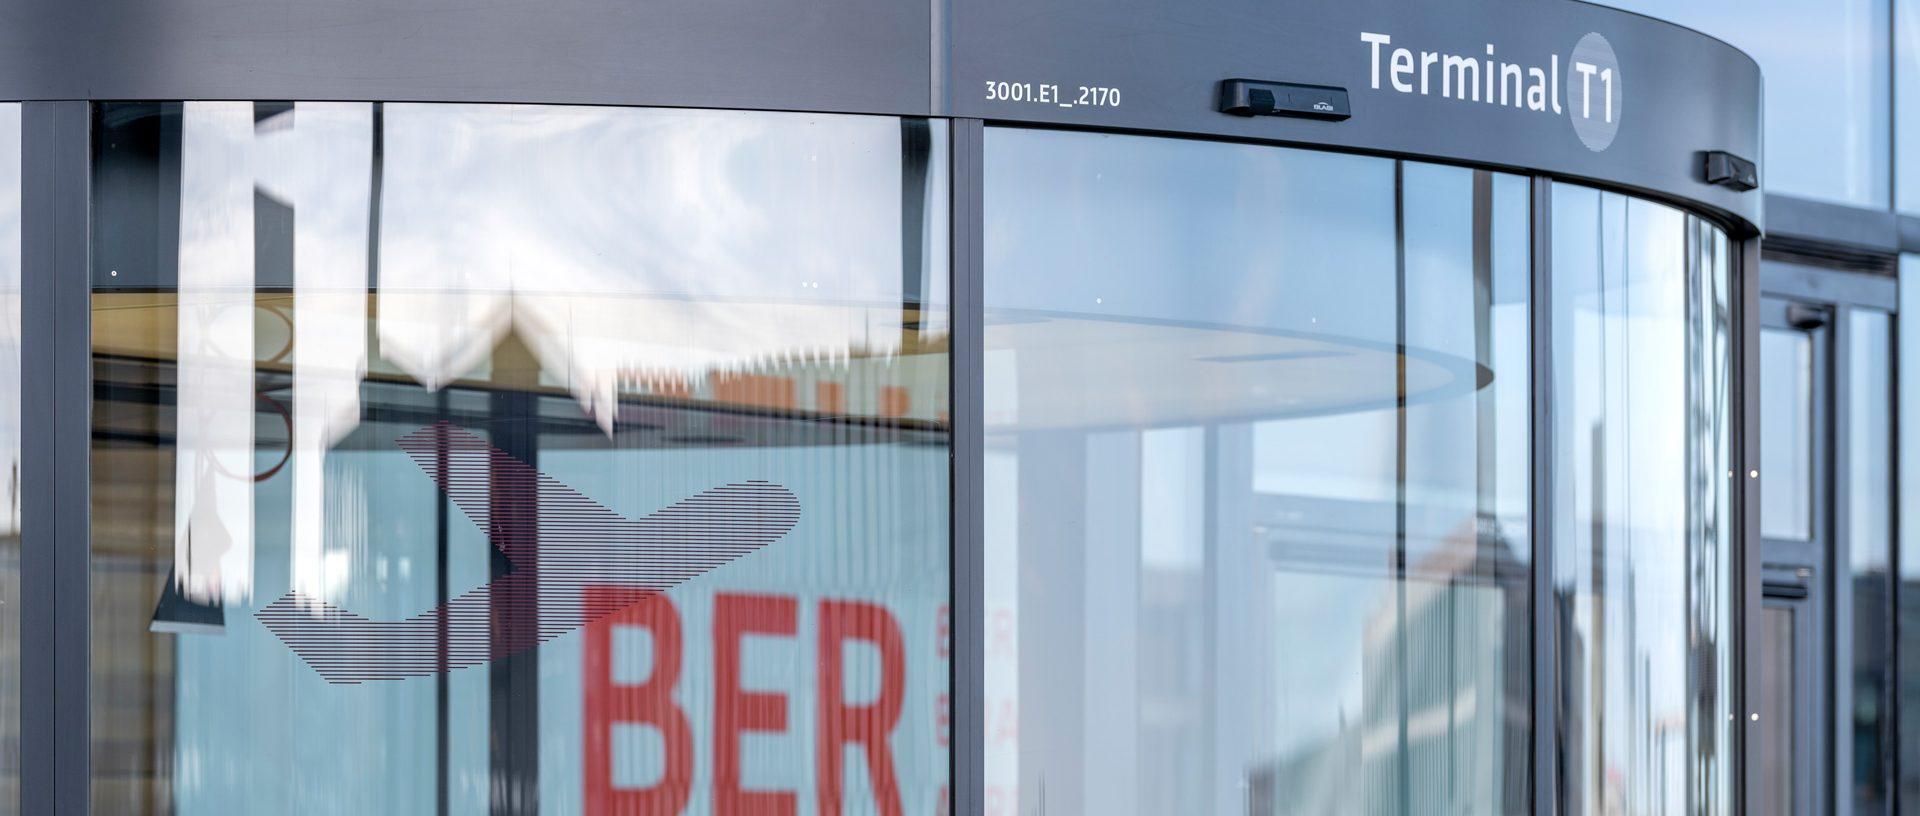 Image Source © Flughafen Berlin Brandenburg GmbH / Günter Wickery